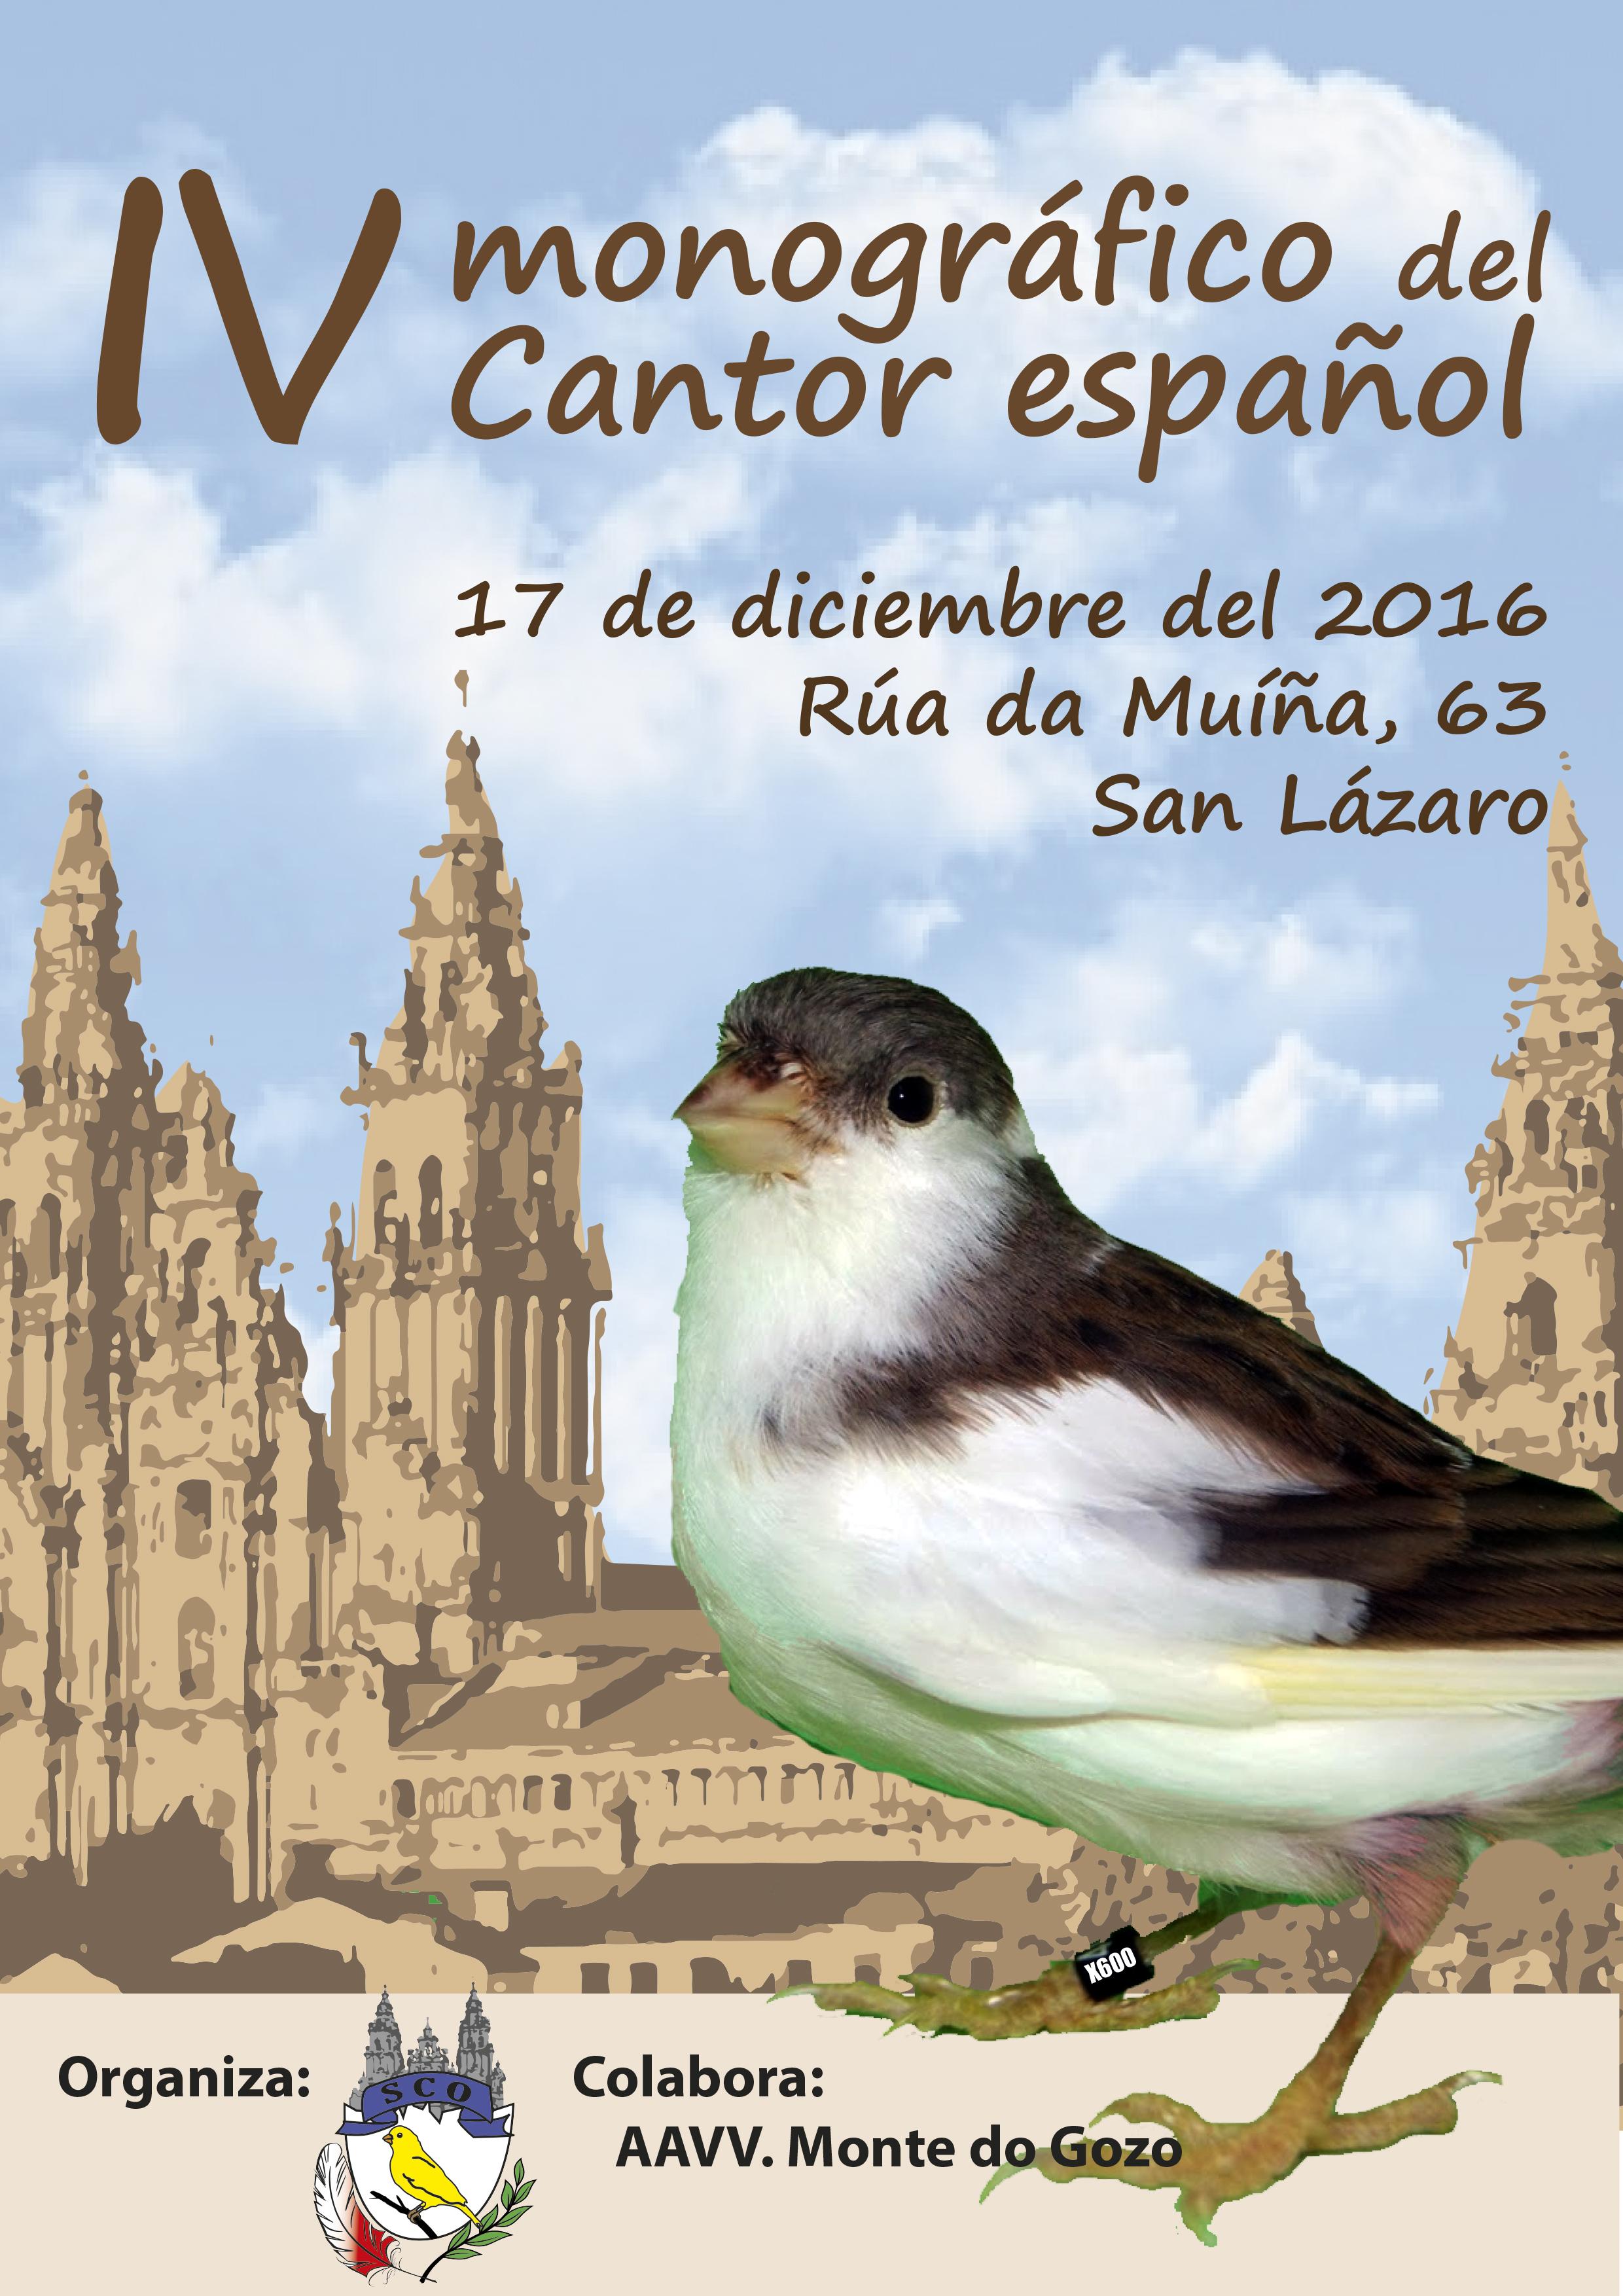 Monográfico del Cantor Español – Sociedad Cultural y Deportiva Compostelana